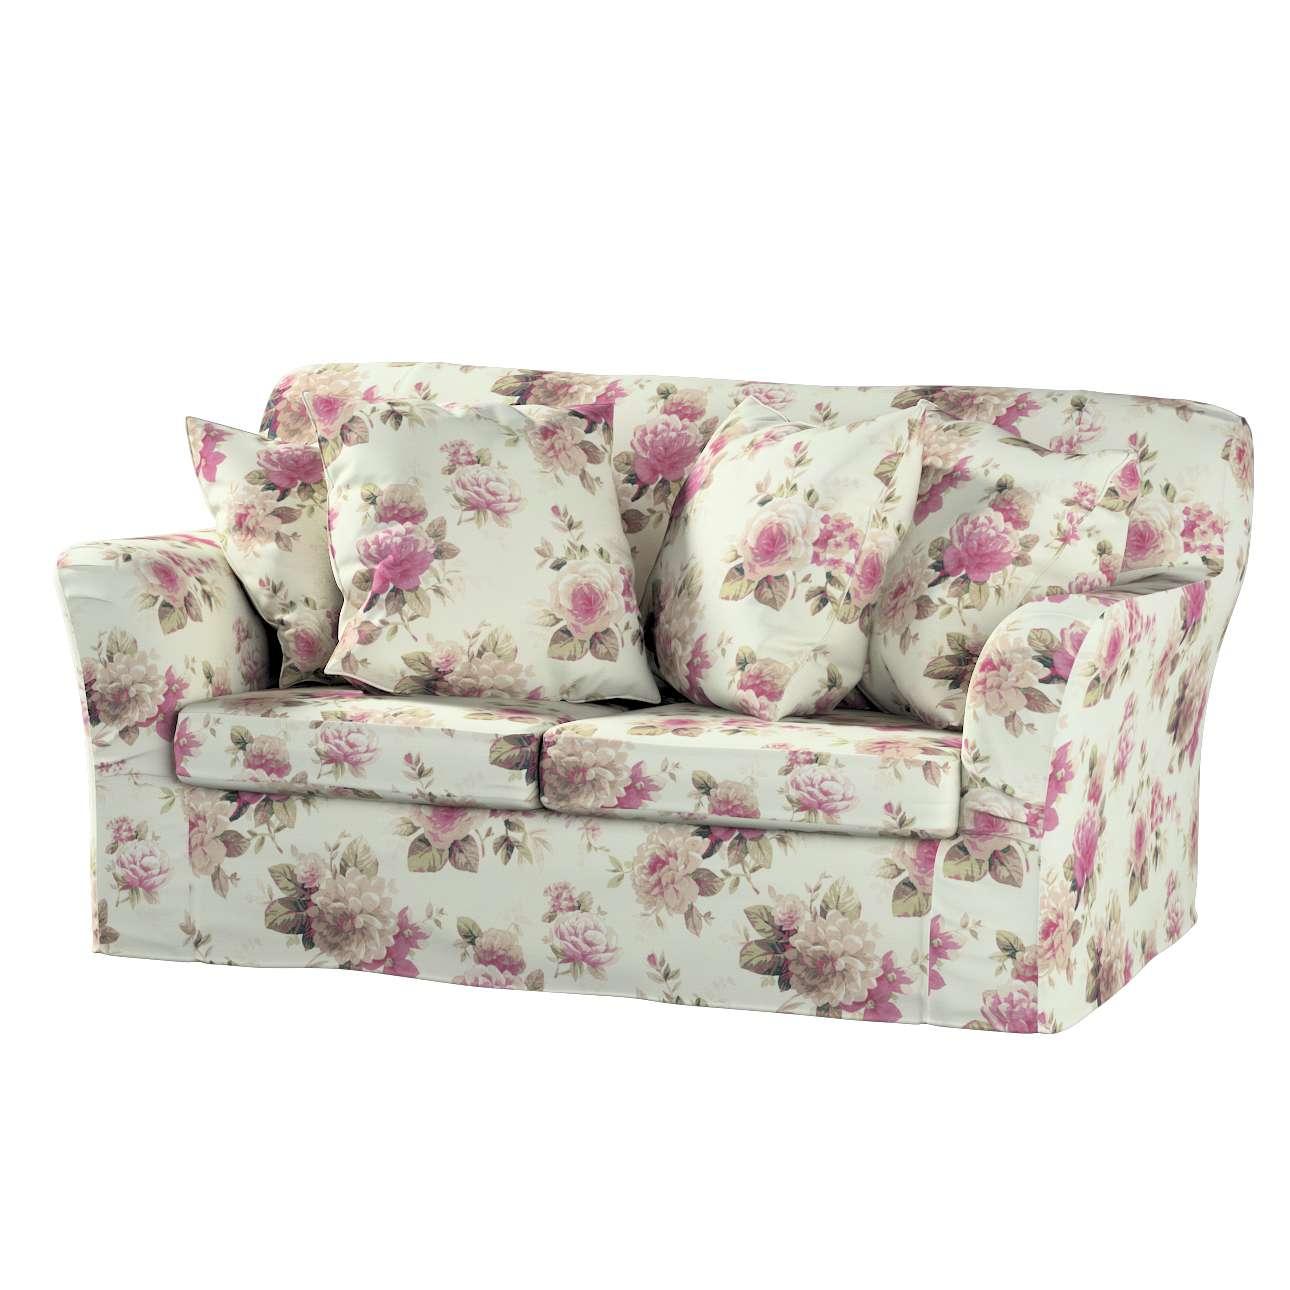 Pokrowiec na sofę Tomelilla 2-osobową nierozkładaną Sofa Tomelilla 2-osobowa w kolekcji Mirella, tkanina: 141-07